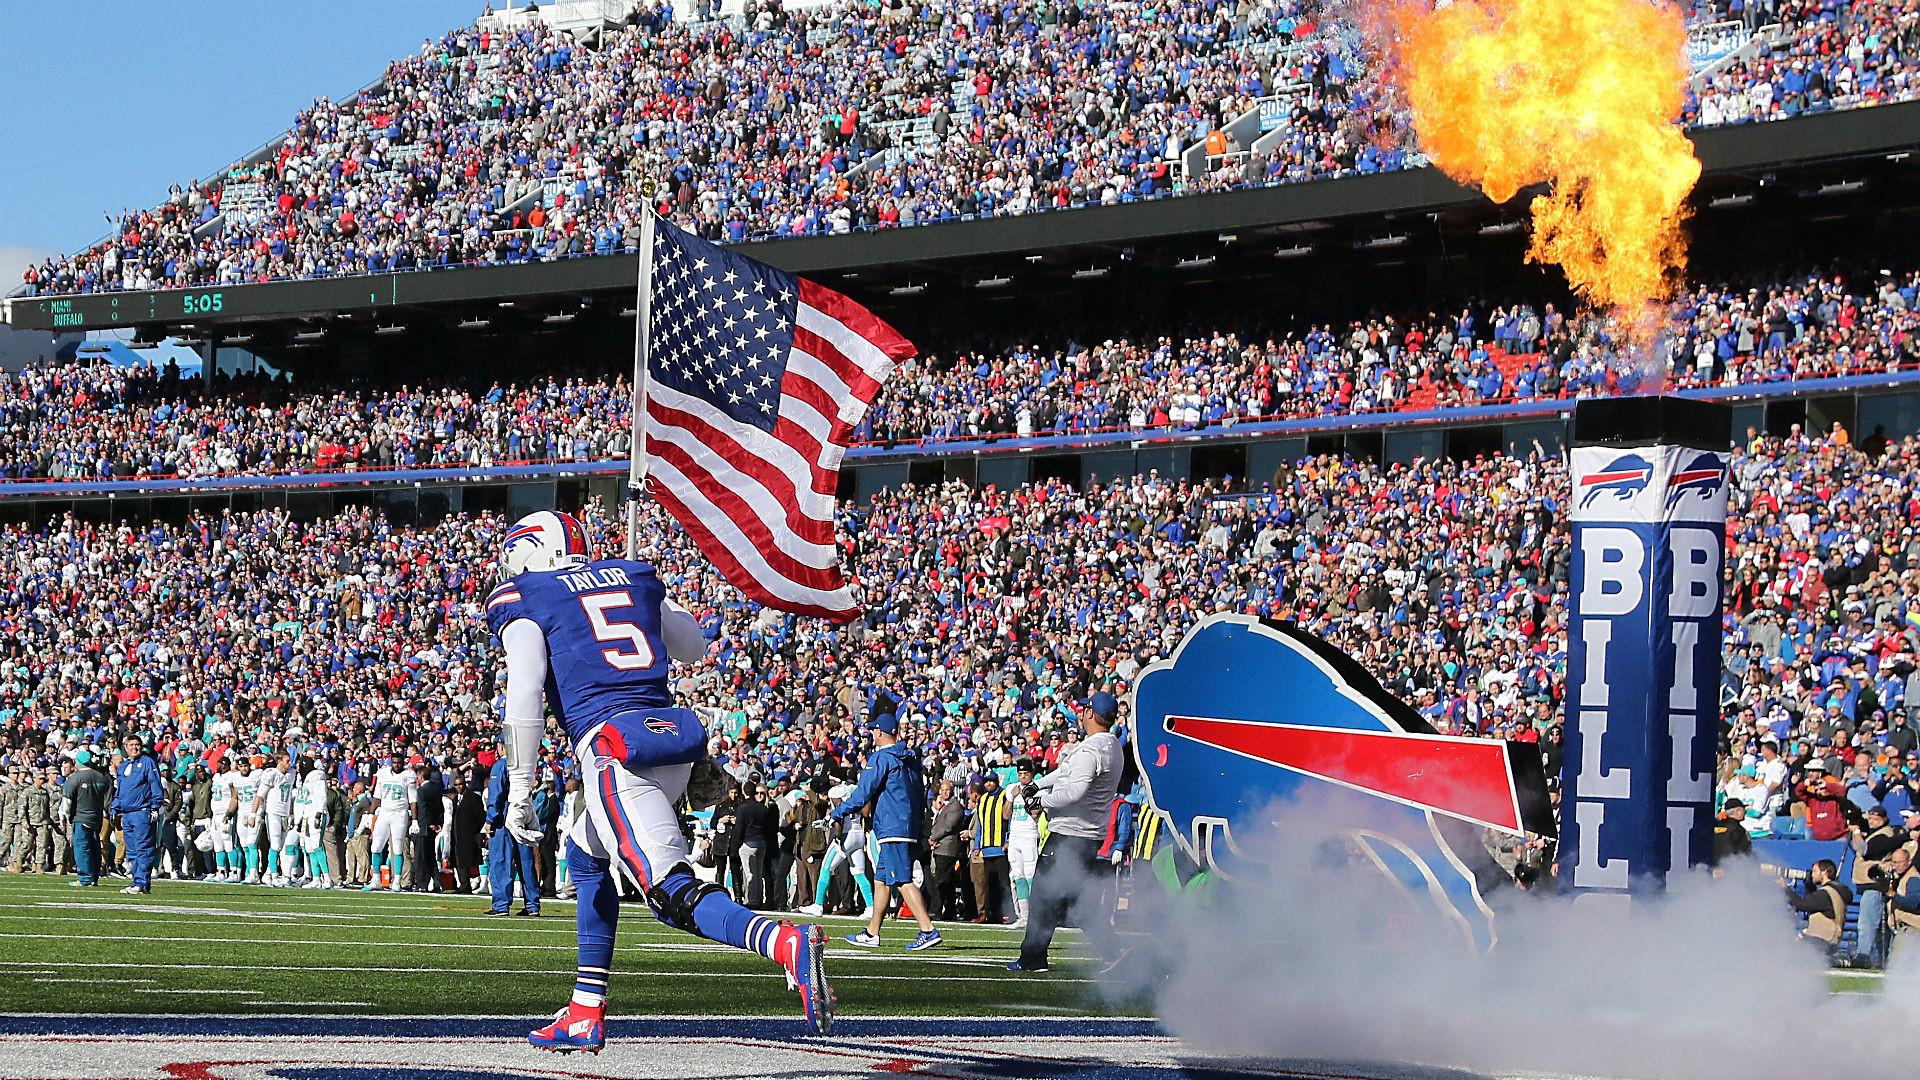 Buffalo Bills 2016 Preview | Daily Roto Sharks | MLB, NFL, NBA, CFB, NHL,  NASCAR & PGA